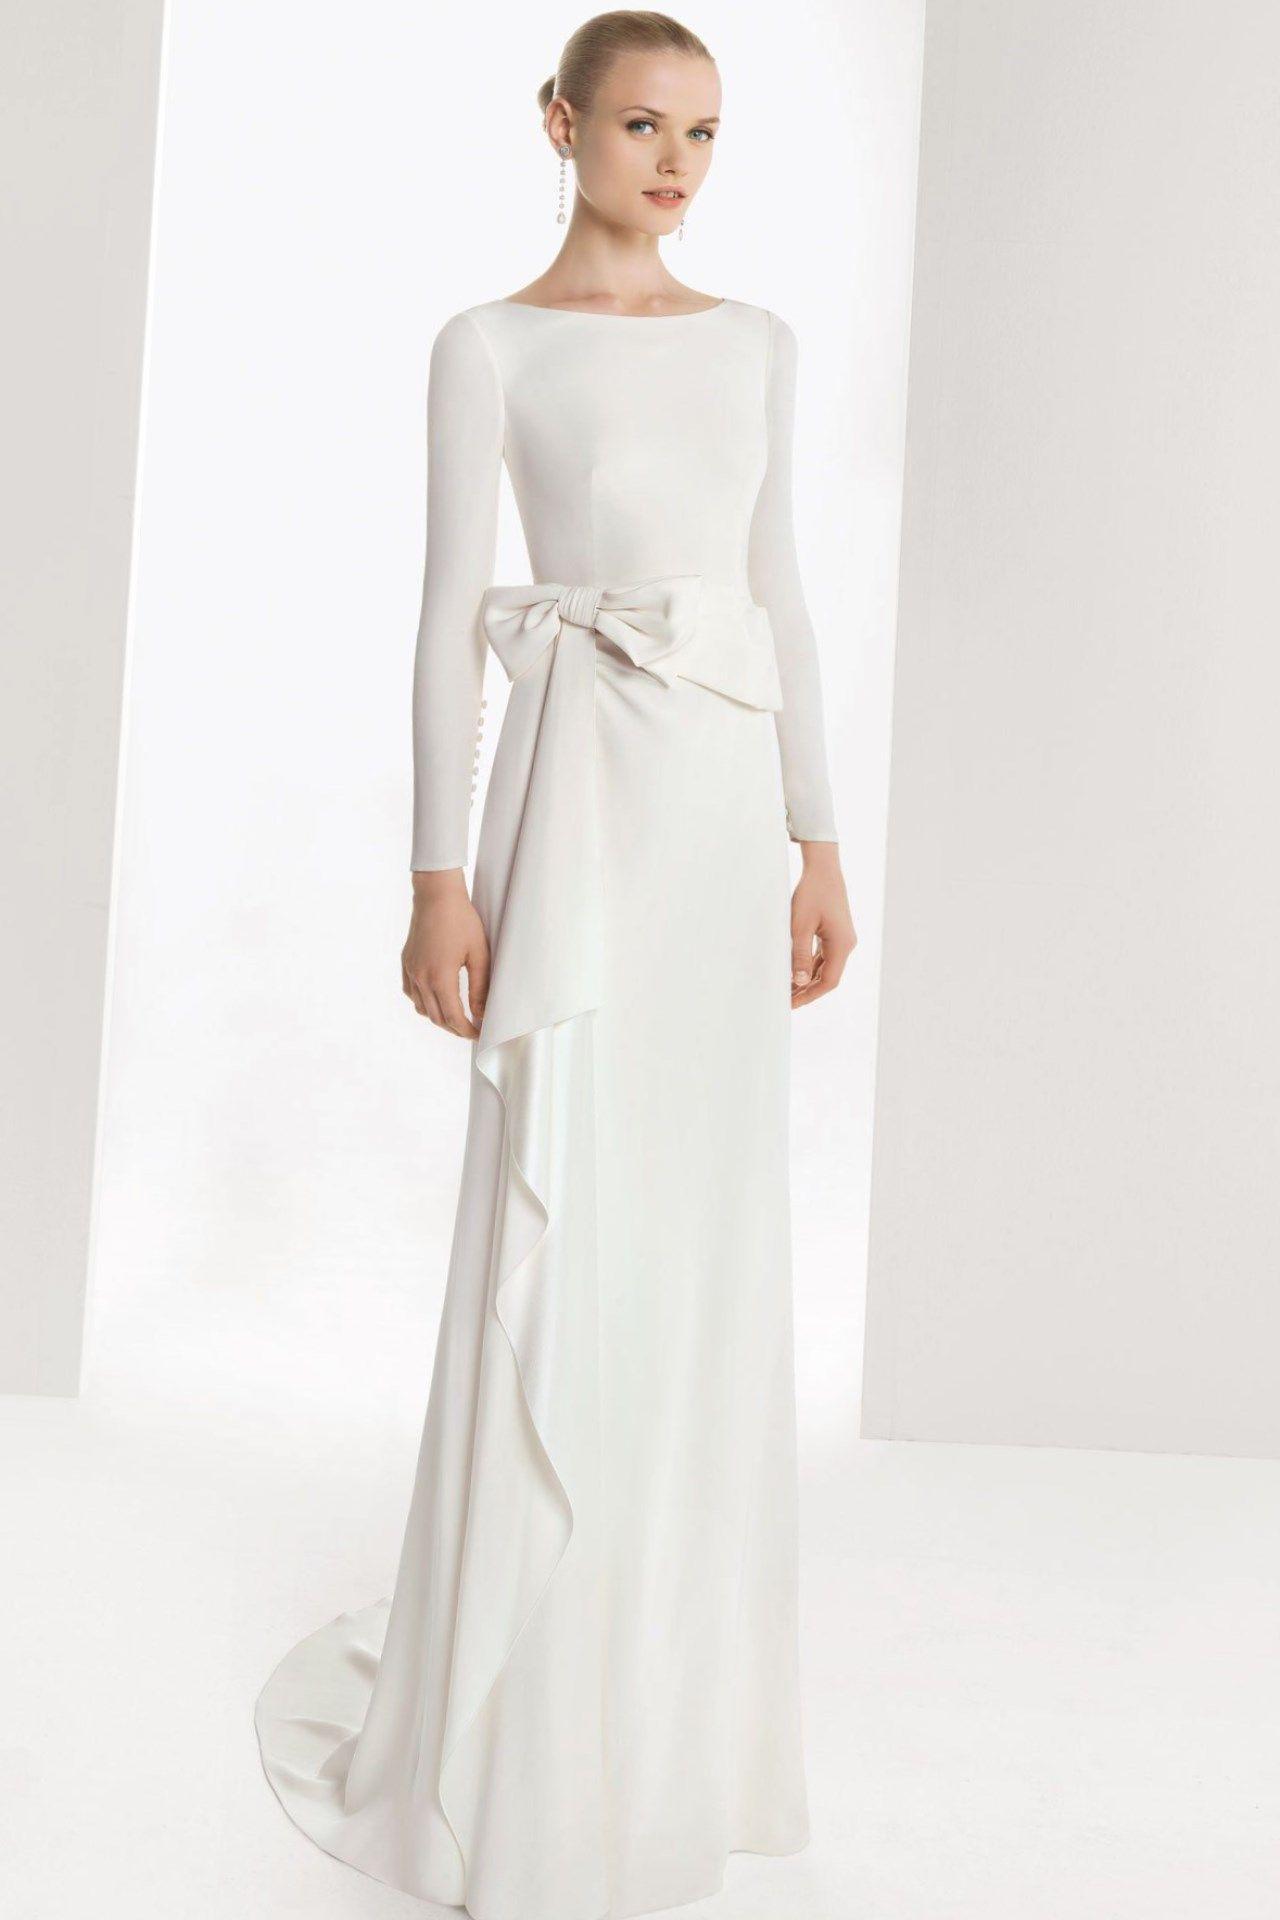 17 Elegant Abendkleider Für Ältere Damen Online Bester Preis13 Schön Abendkleider Für Ältere Damen Online Spezialgebiet